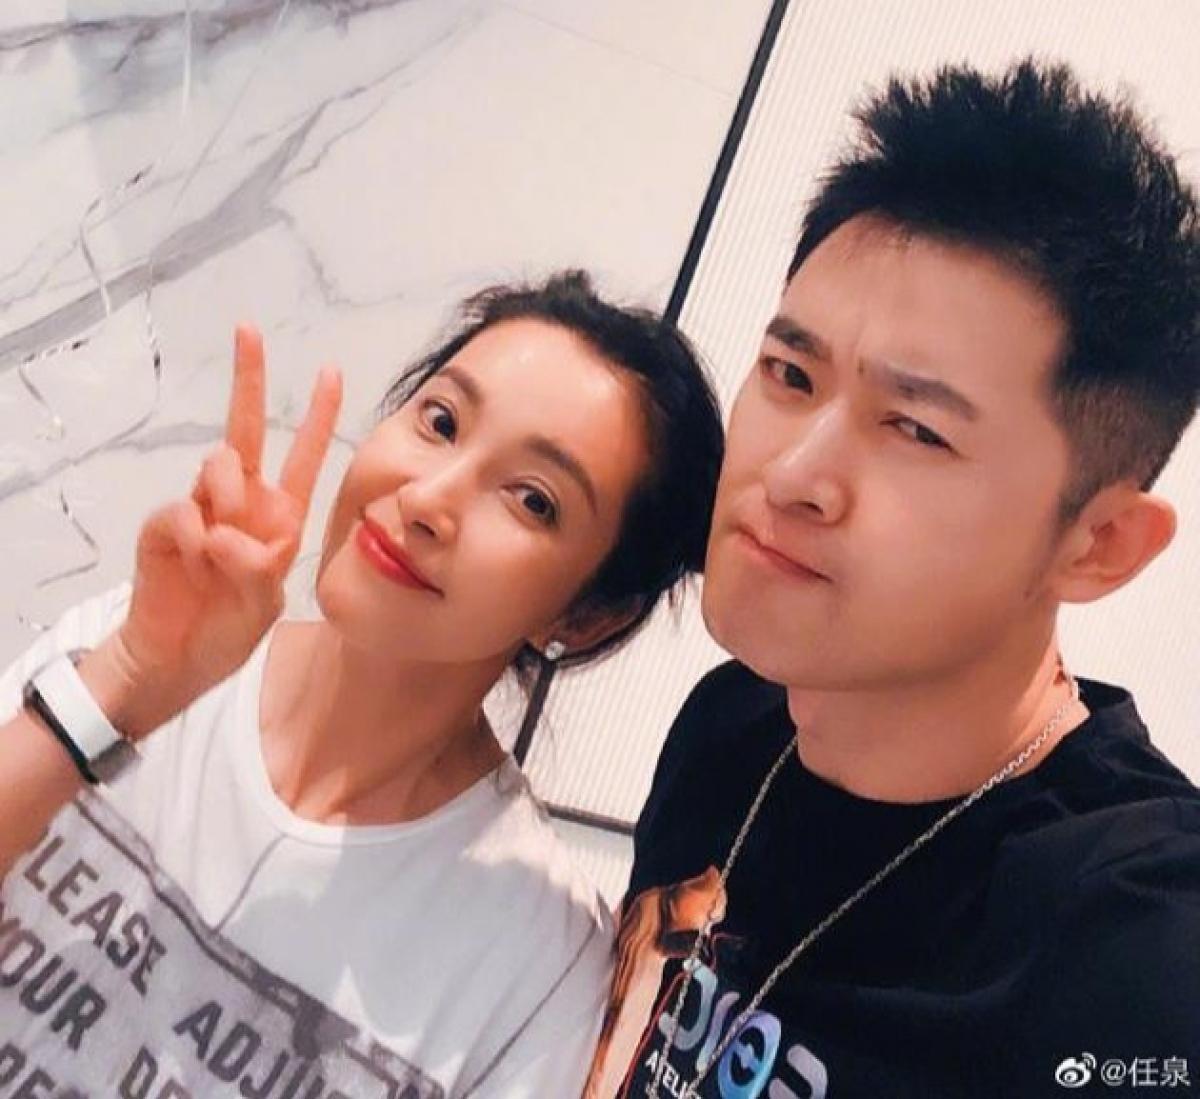 """Ngoài ra,Sina còn đưa tin nam diễn viên Nhậm Tuyền chia sẻ ảnh chụp cùng Lý Băng Băng. """"Công Tôn Sách"""" gửi lời chúc mừng sinh nhật tuổi 48 đến người bạn thân: """"Cô Lý qua đây mà xem, sinh nhật vui vẻ, nhất định phải sống vui vẻ""""."""